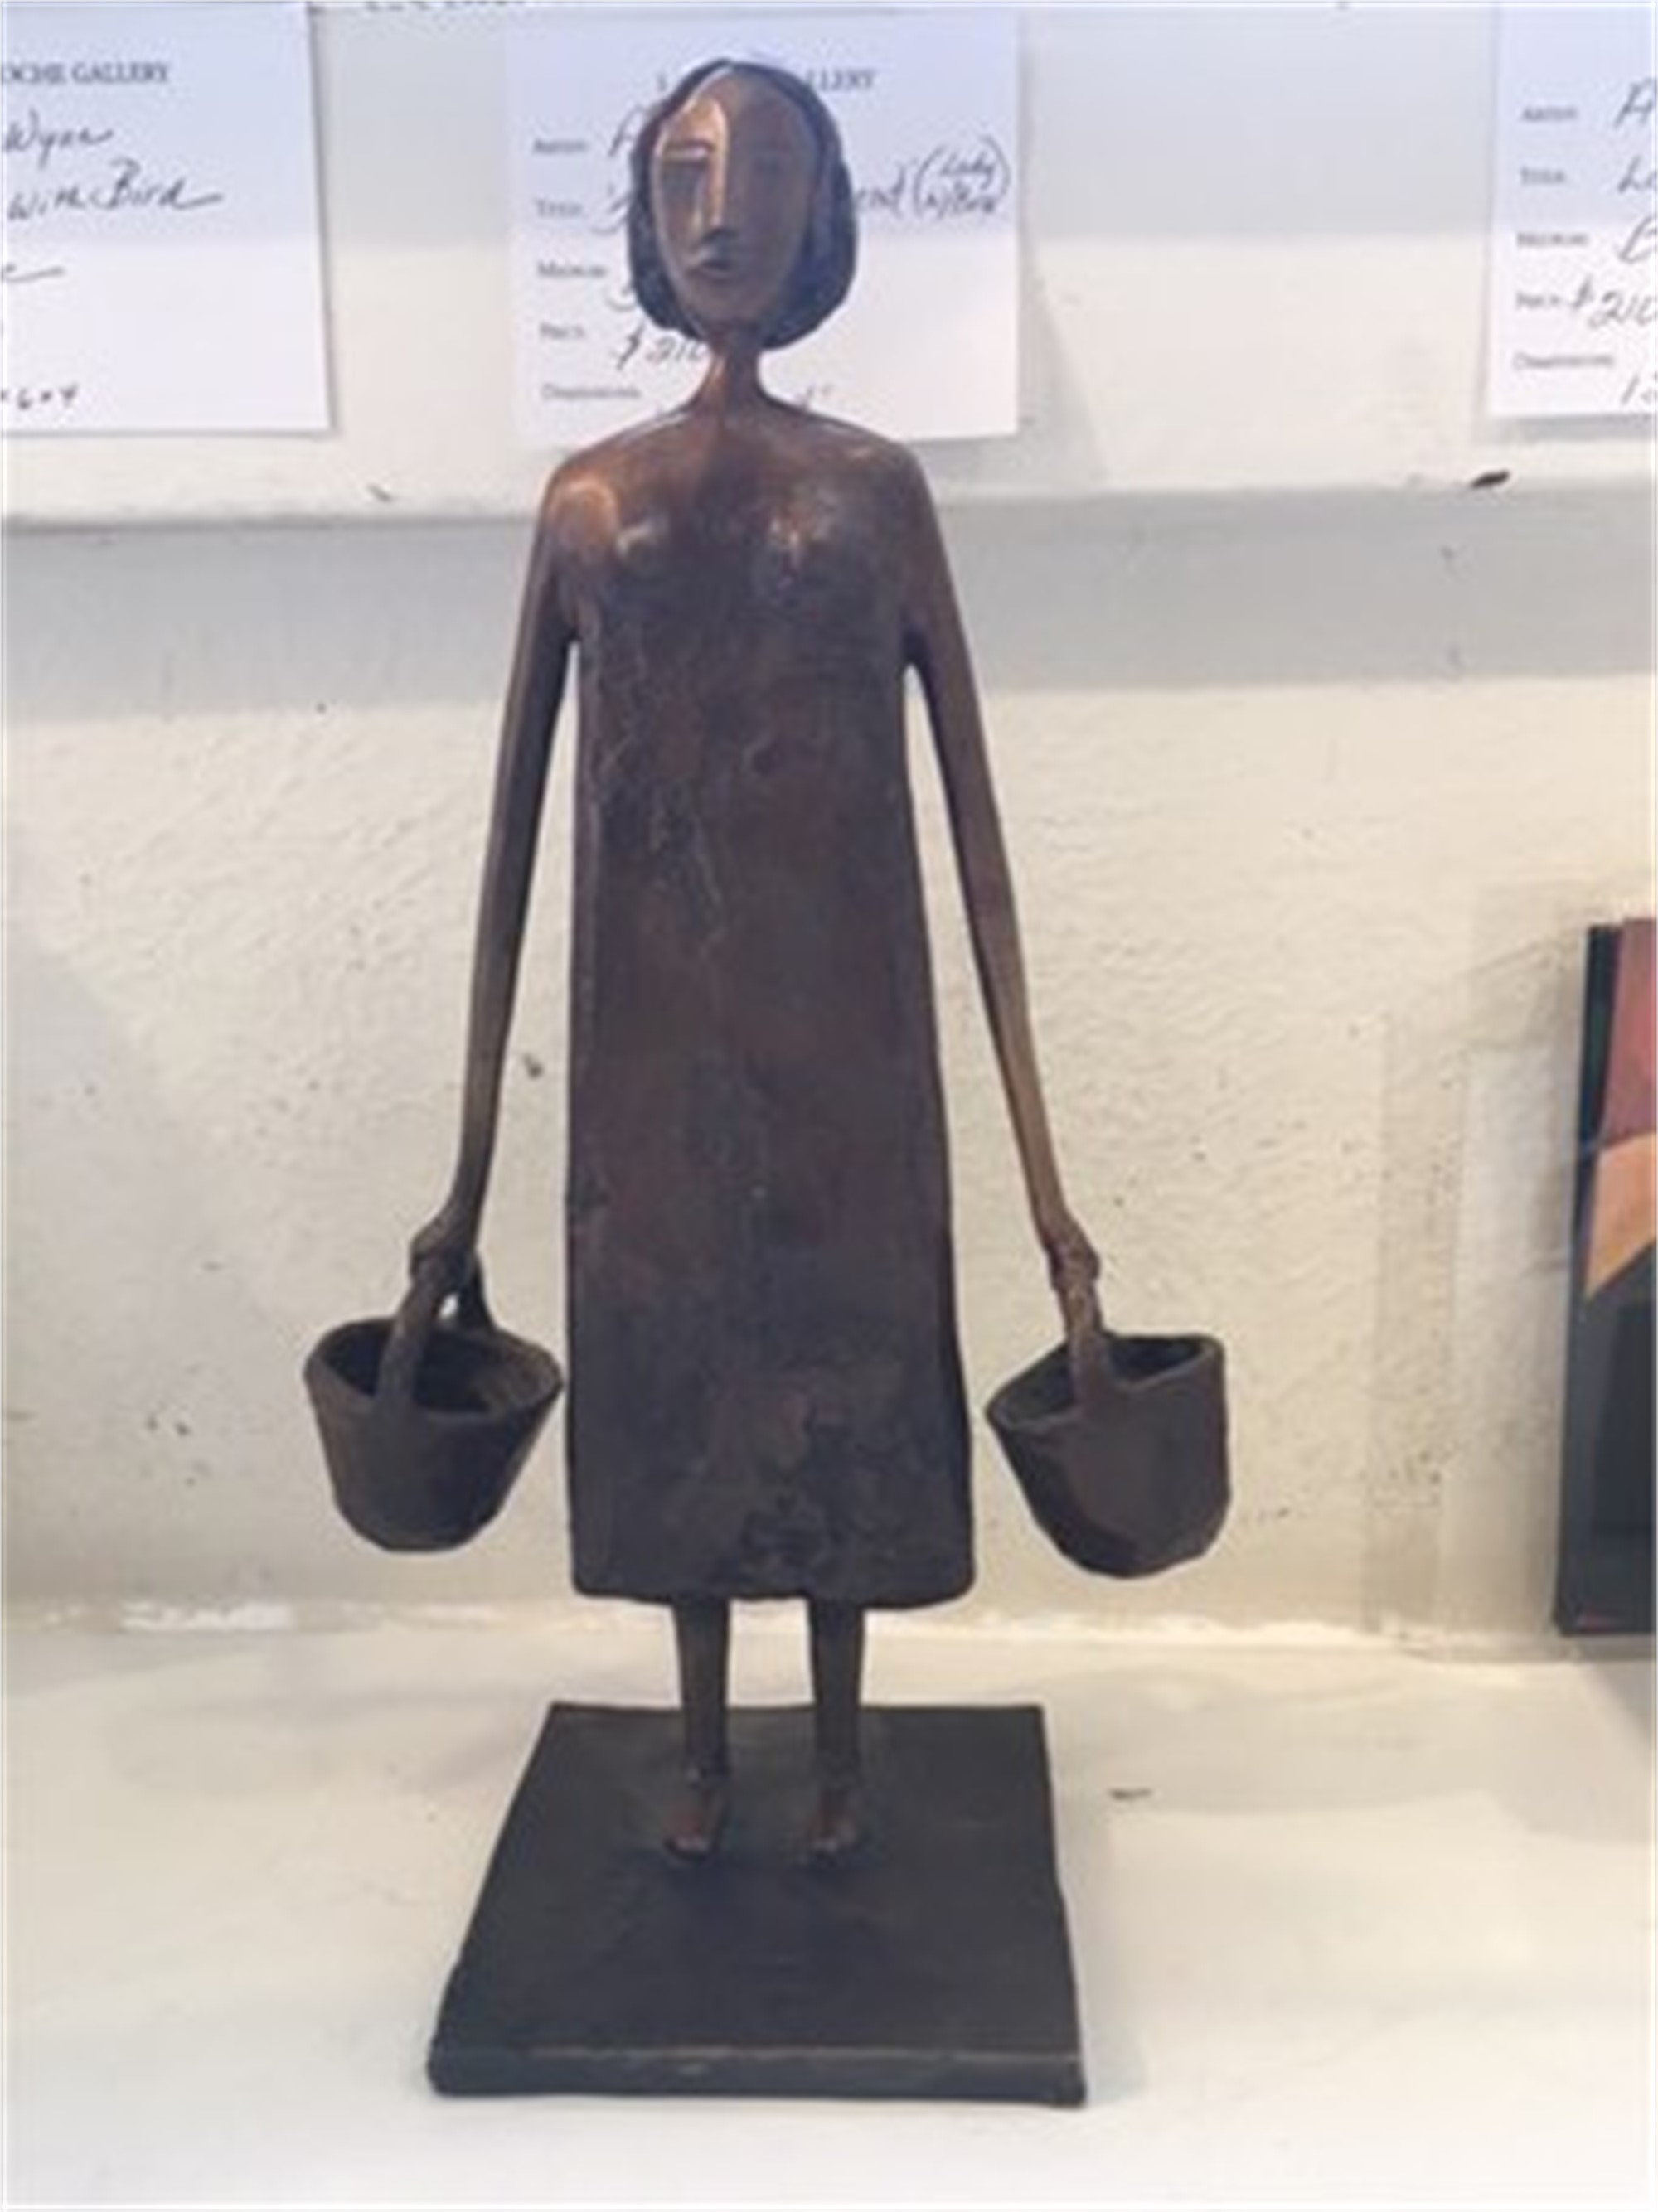 Lady with Buckets - Small by Allen Wynn